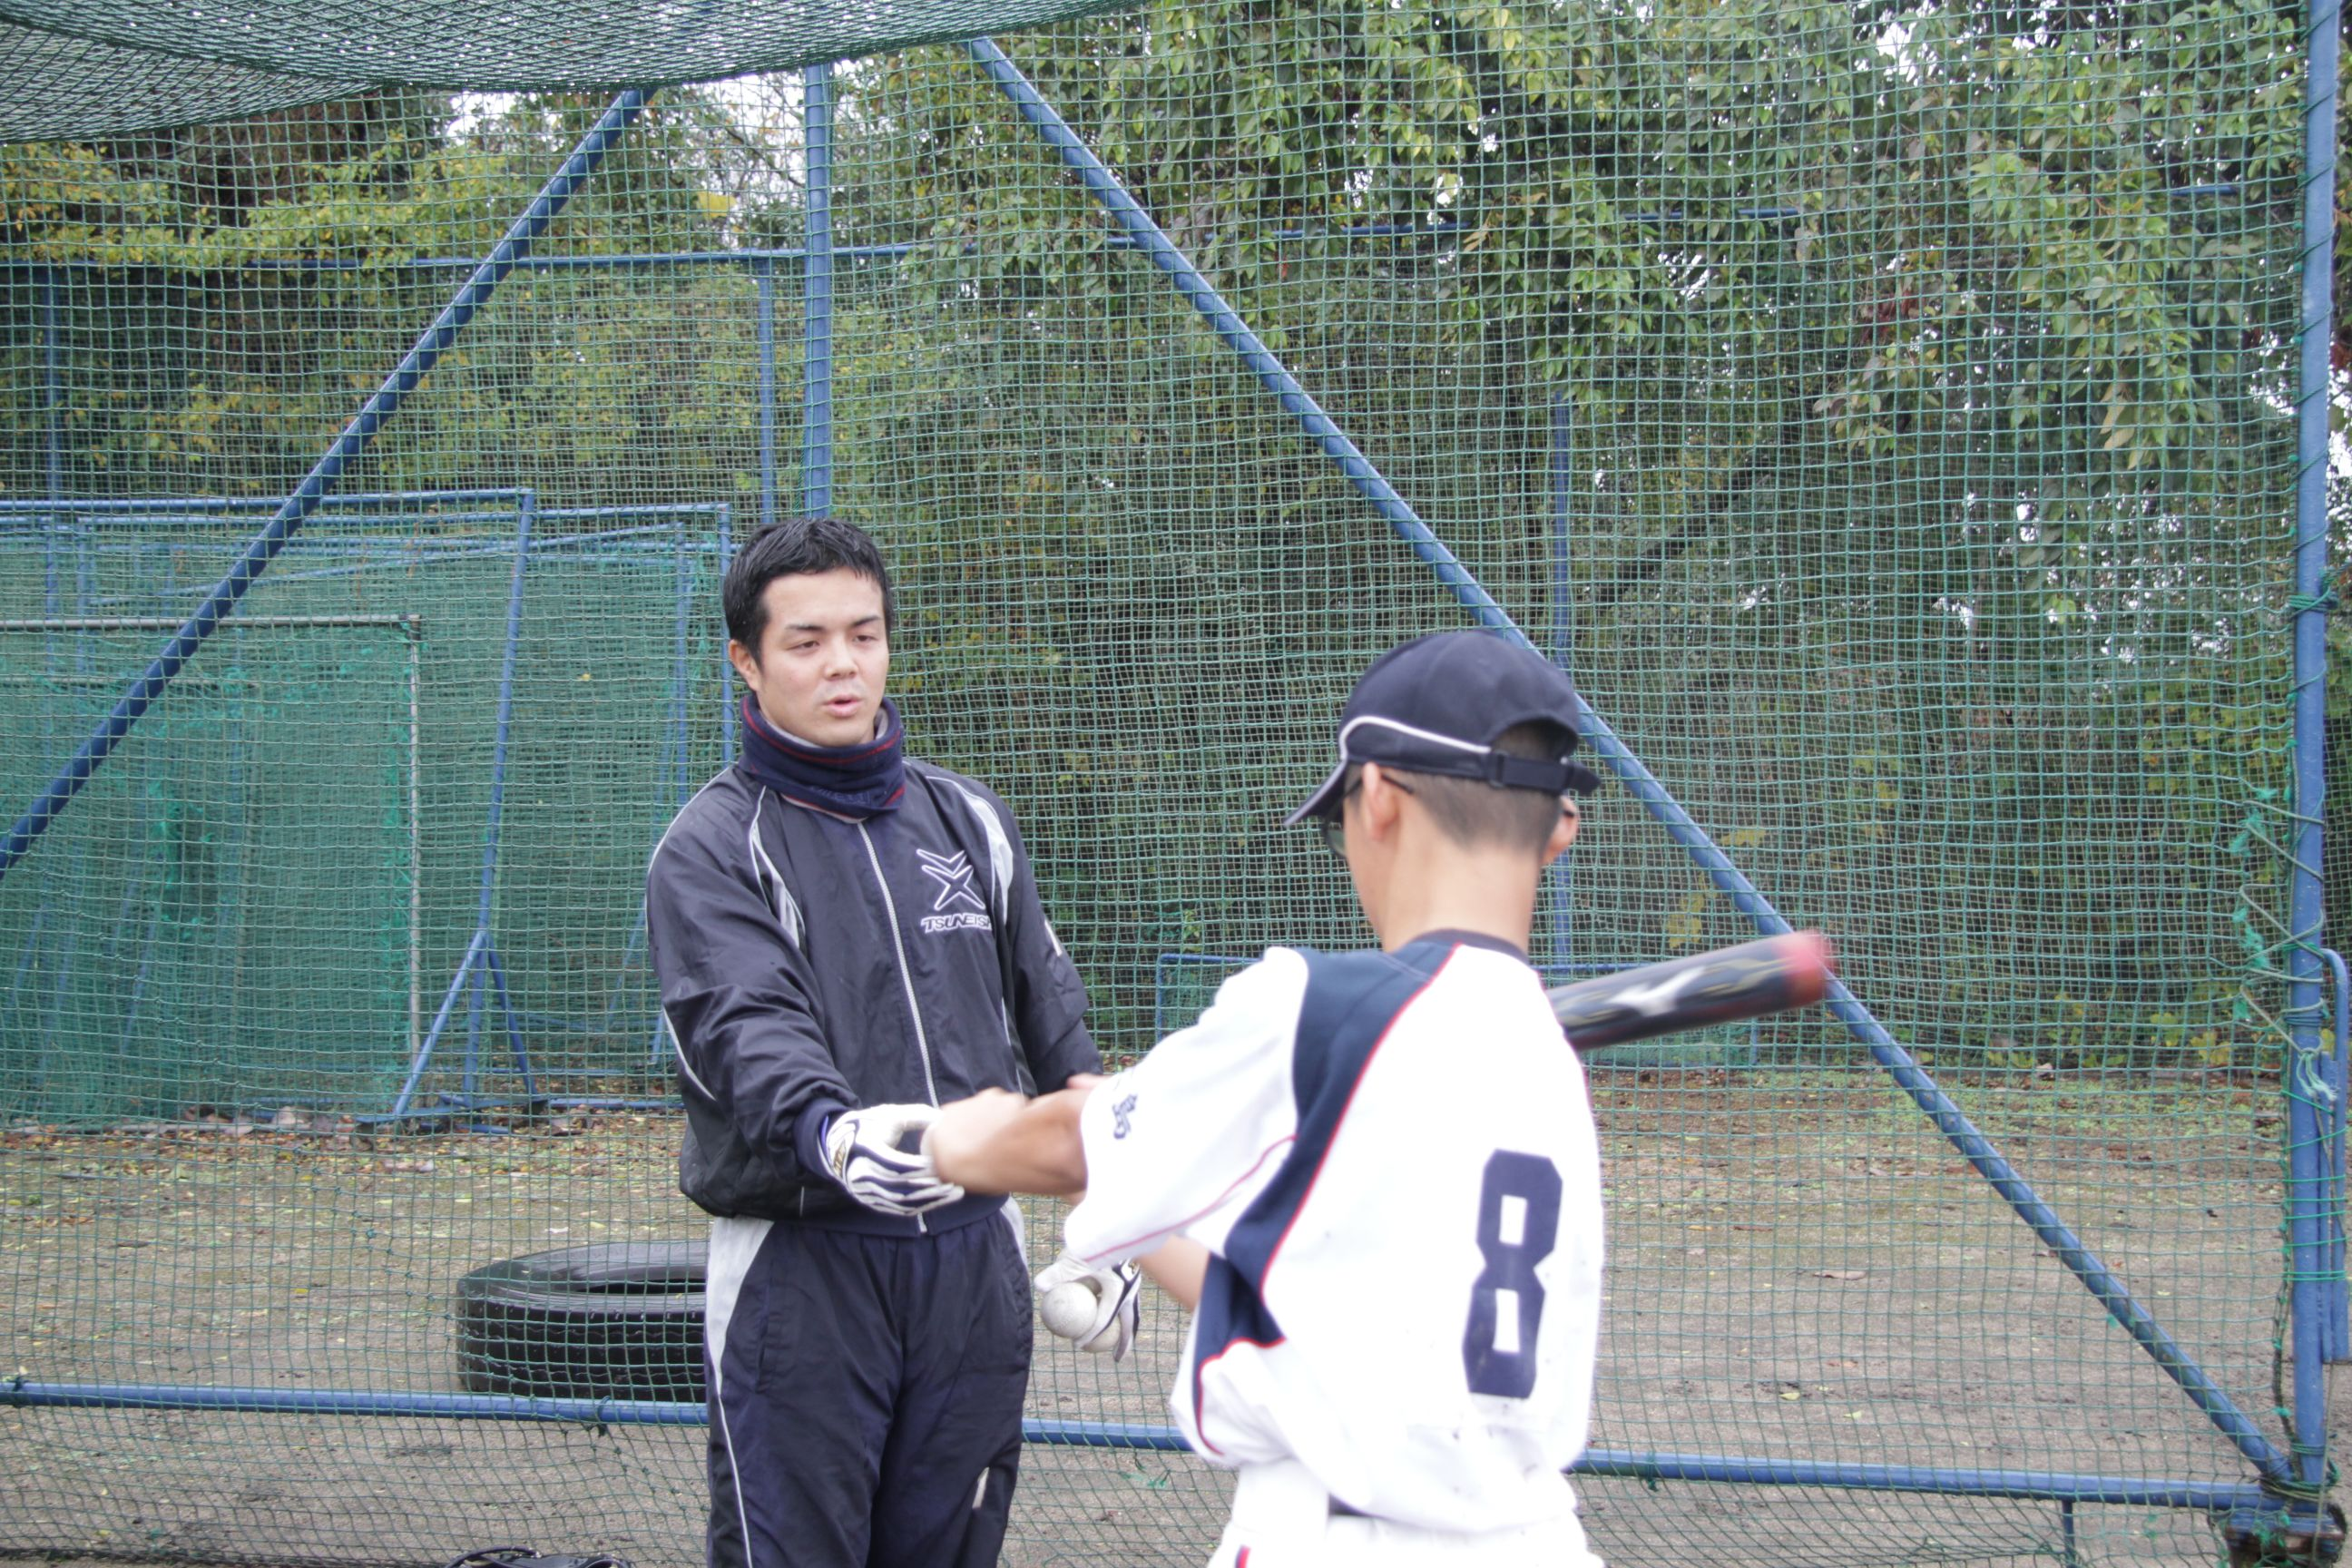 ツネイシ硬式野球部員による野球教室(バッティング指導)